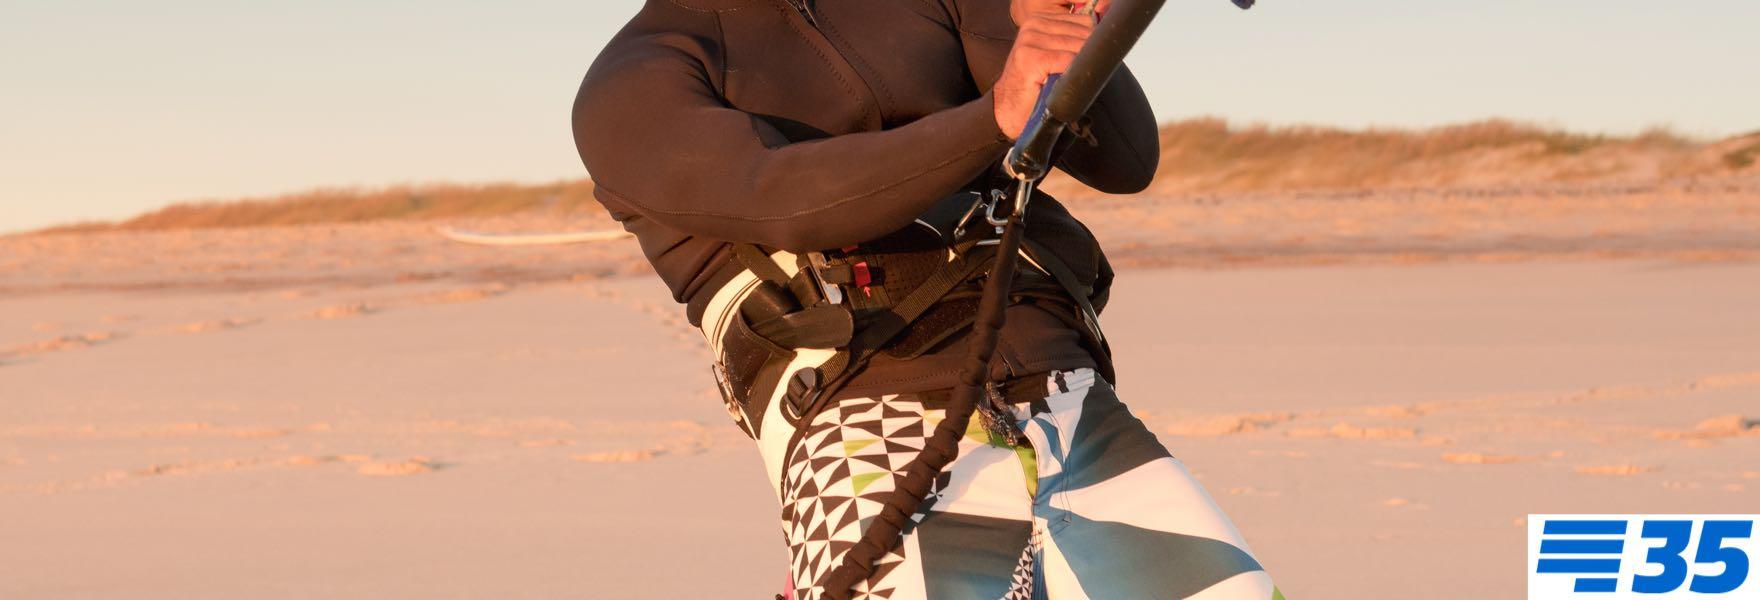 Kitesurf trapeze kopen?  Welke model kitesurf harnas wordt het?